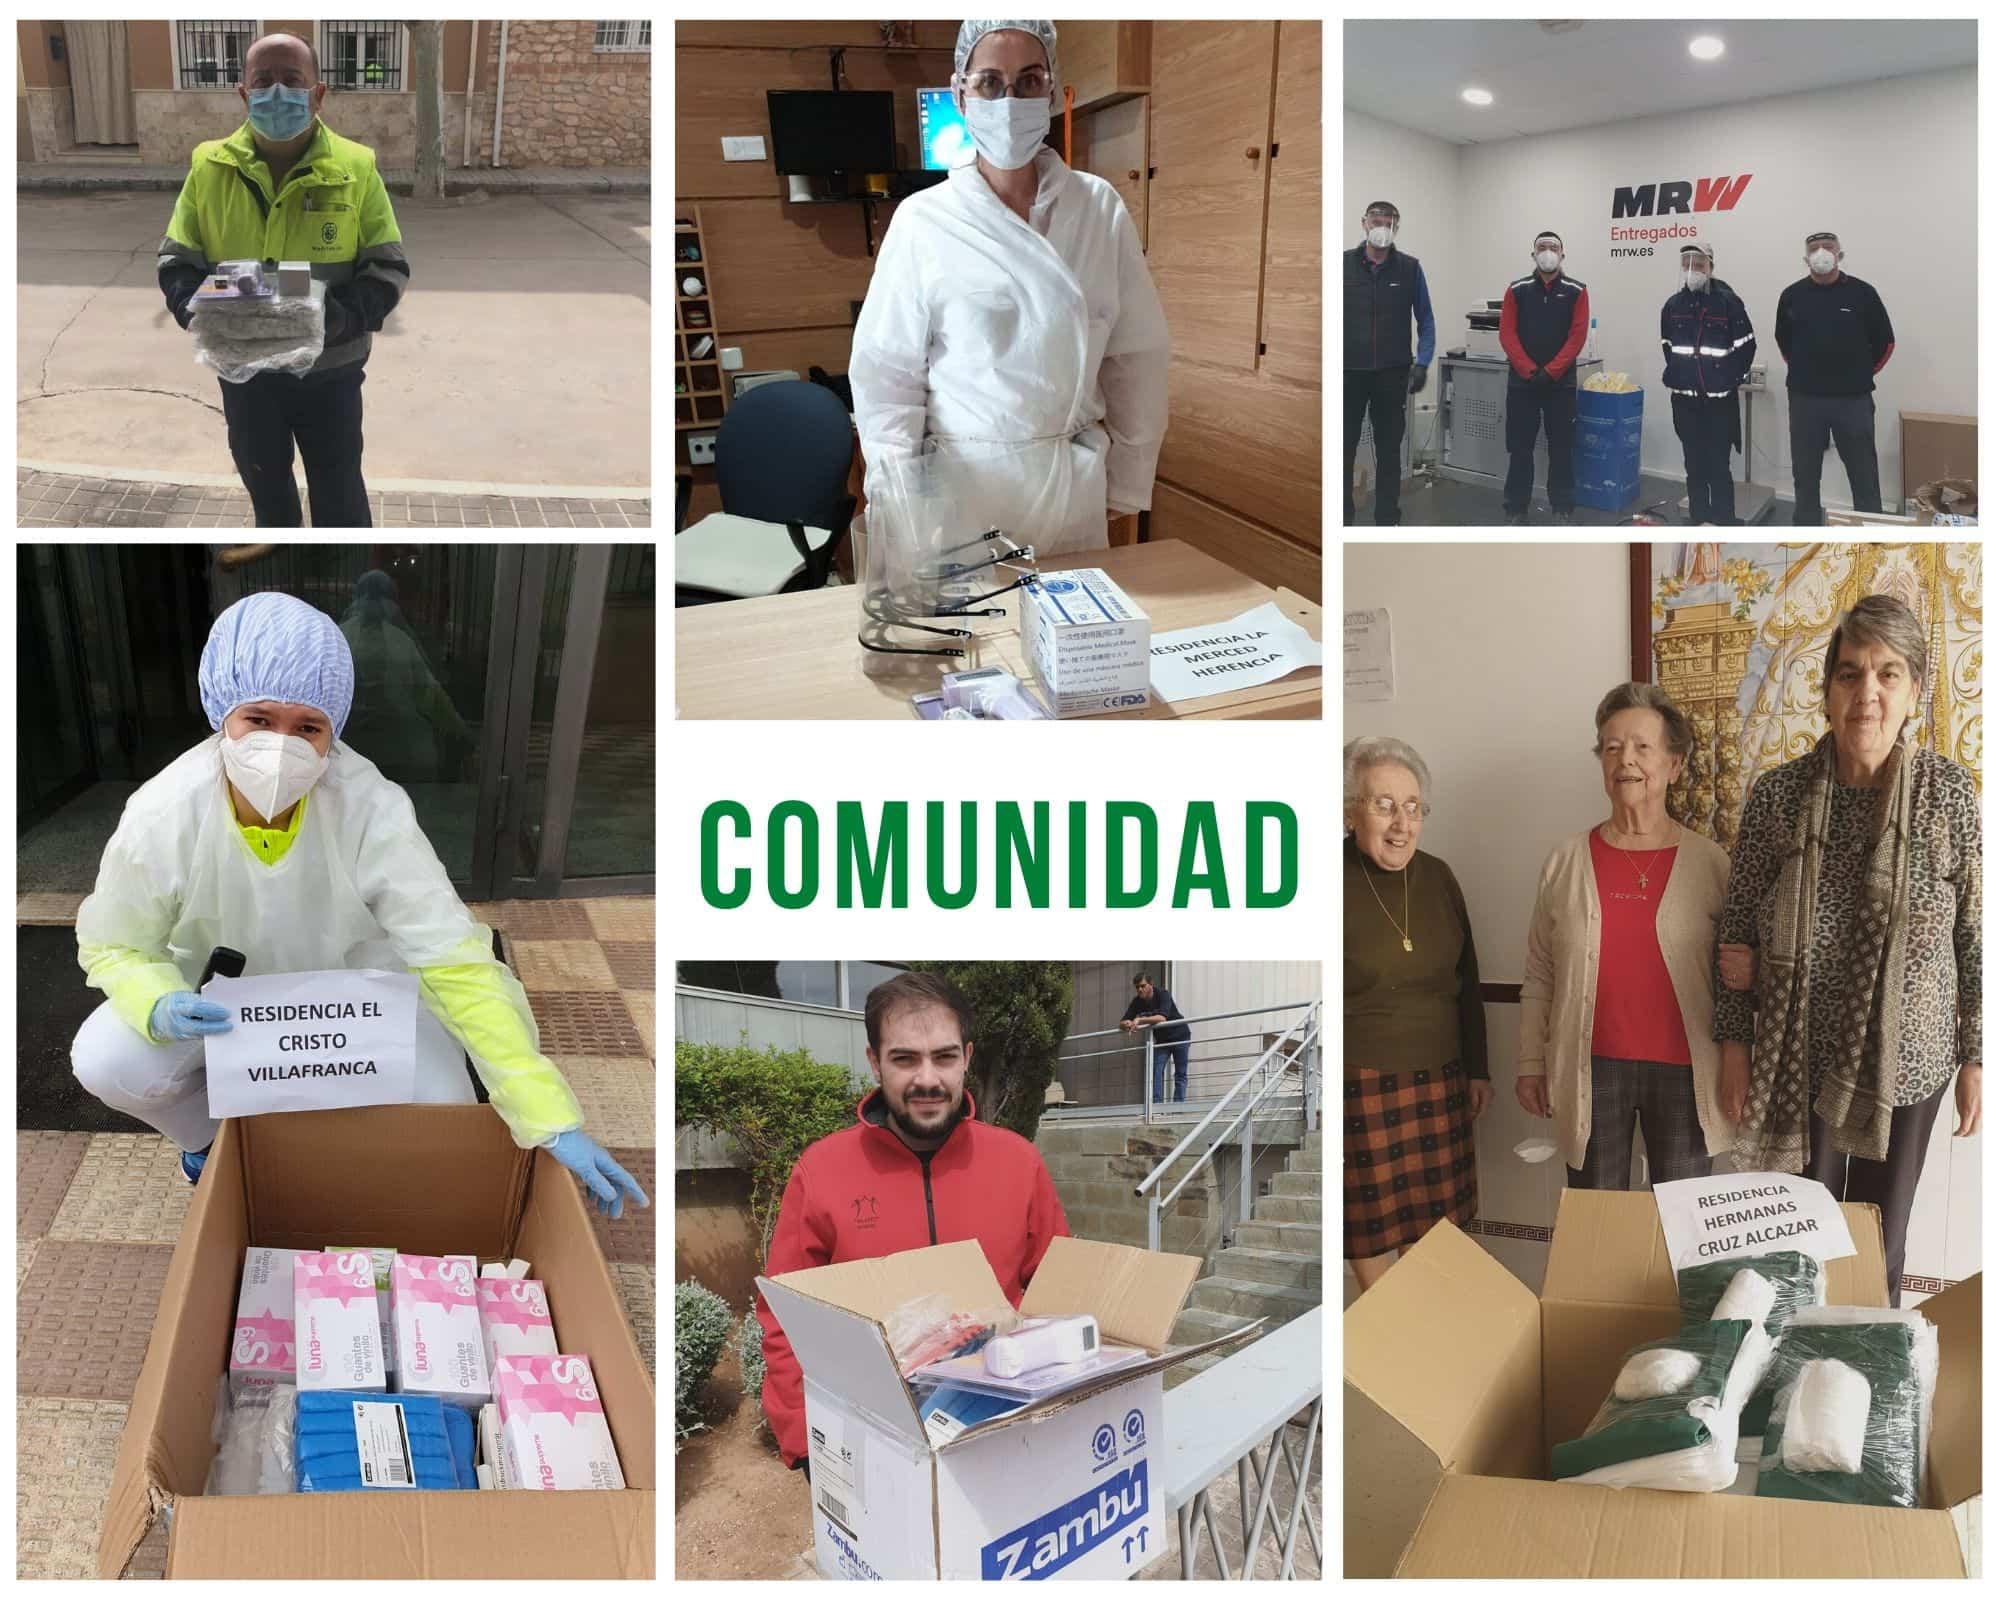 Copia de comunidad - Ánthropos sigue atendiendo necesidades del hospital y residencias